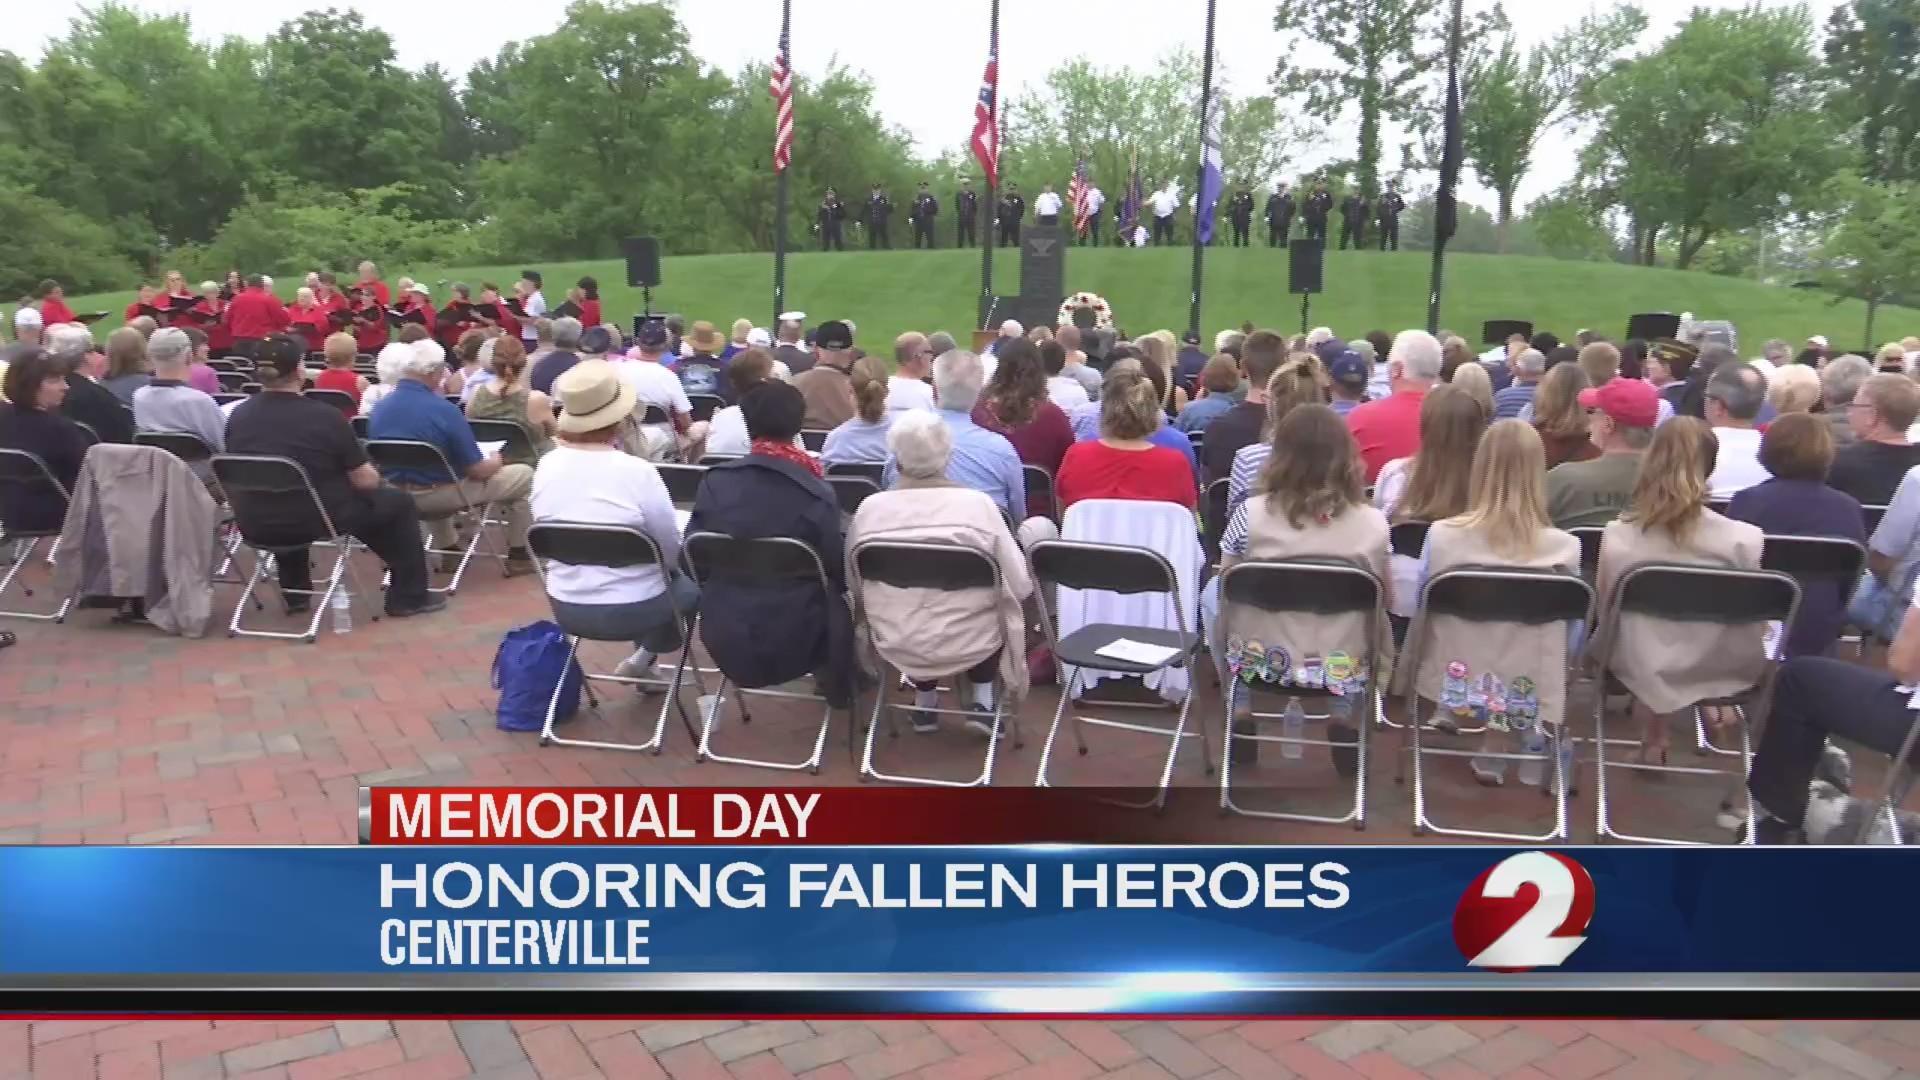 Honoring fallen heroes in Centerville